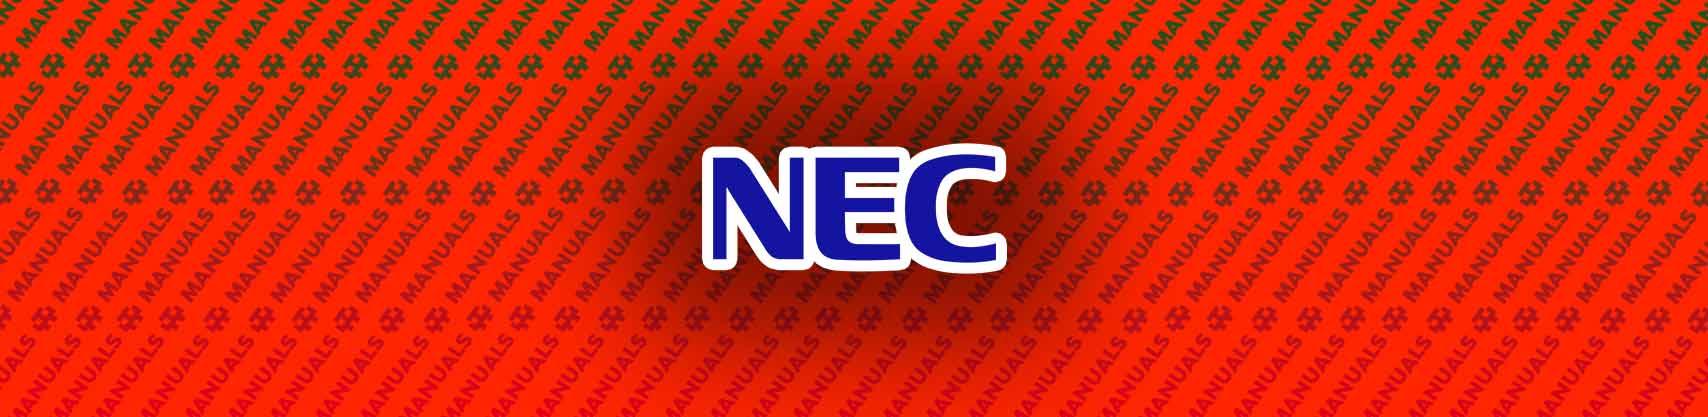 NEC DTERM80 Manual